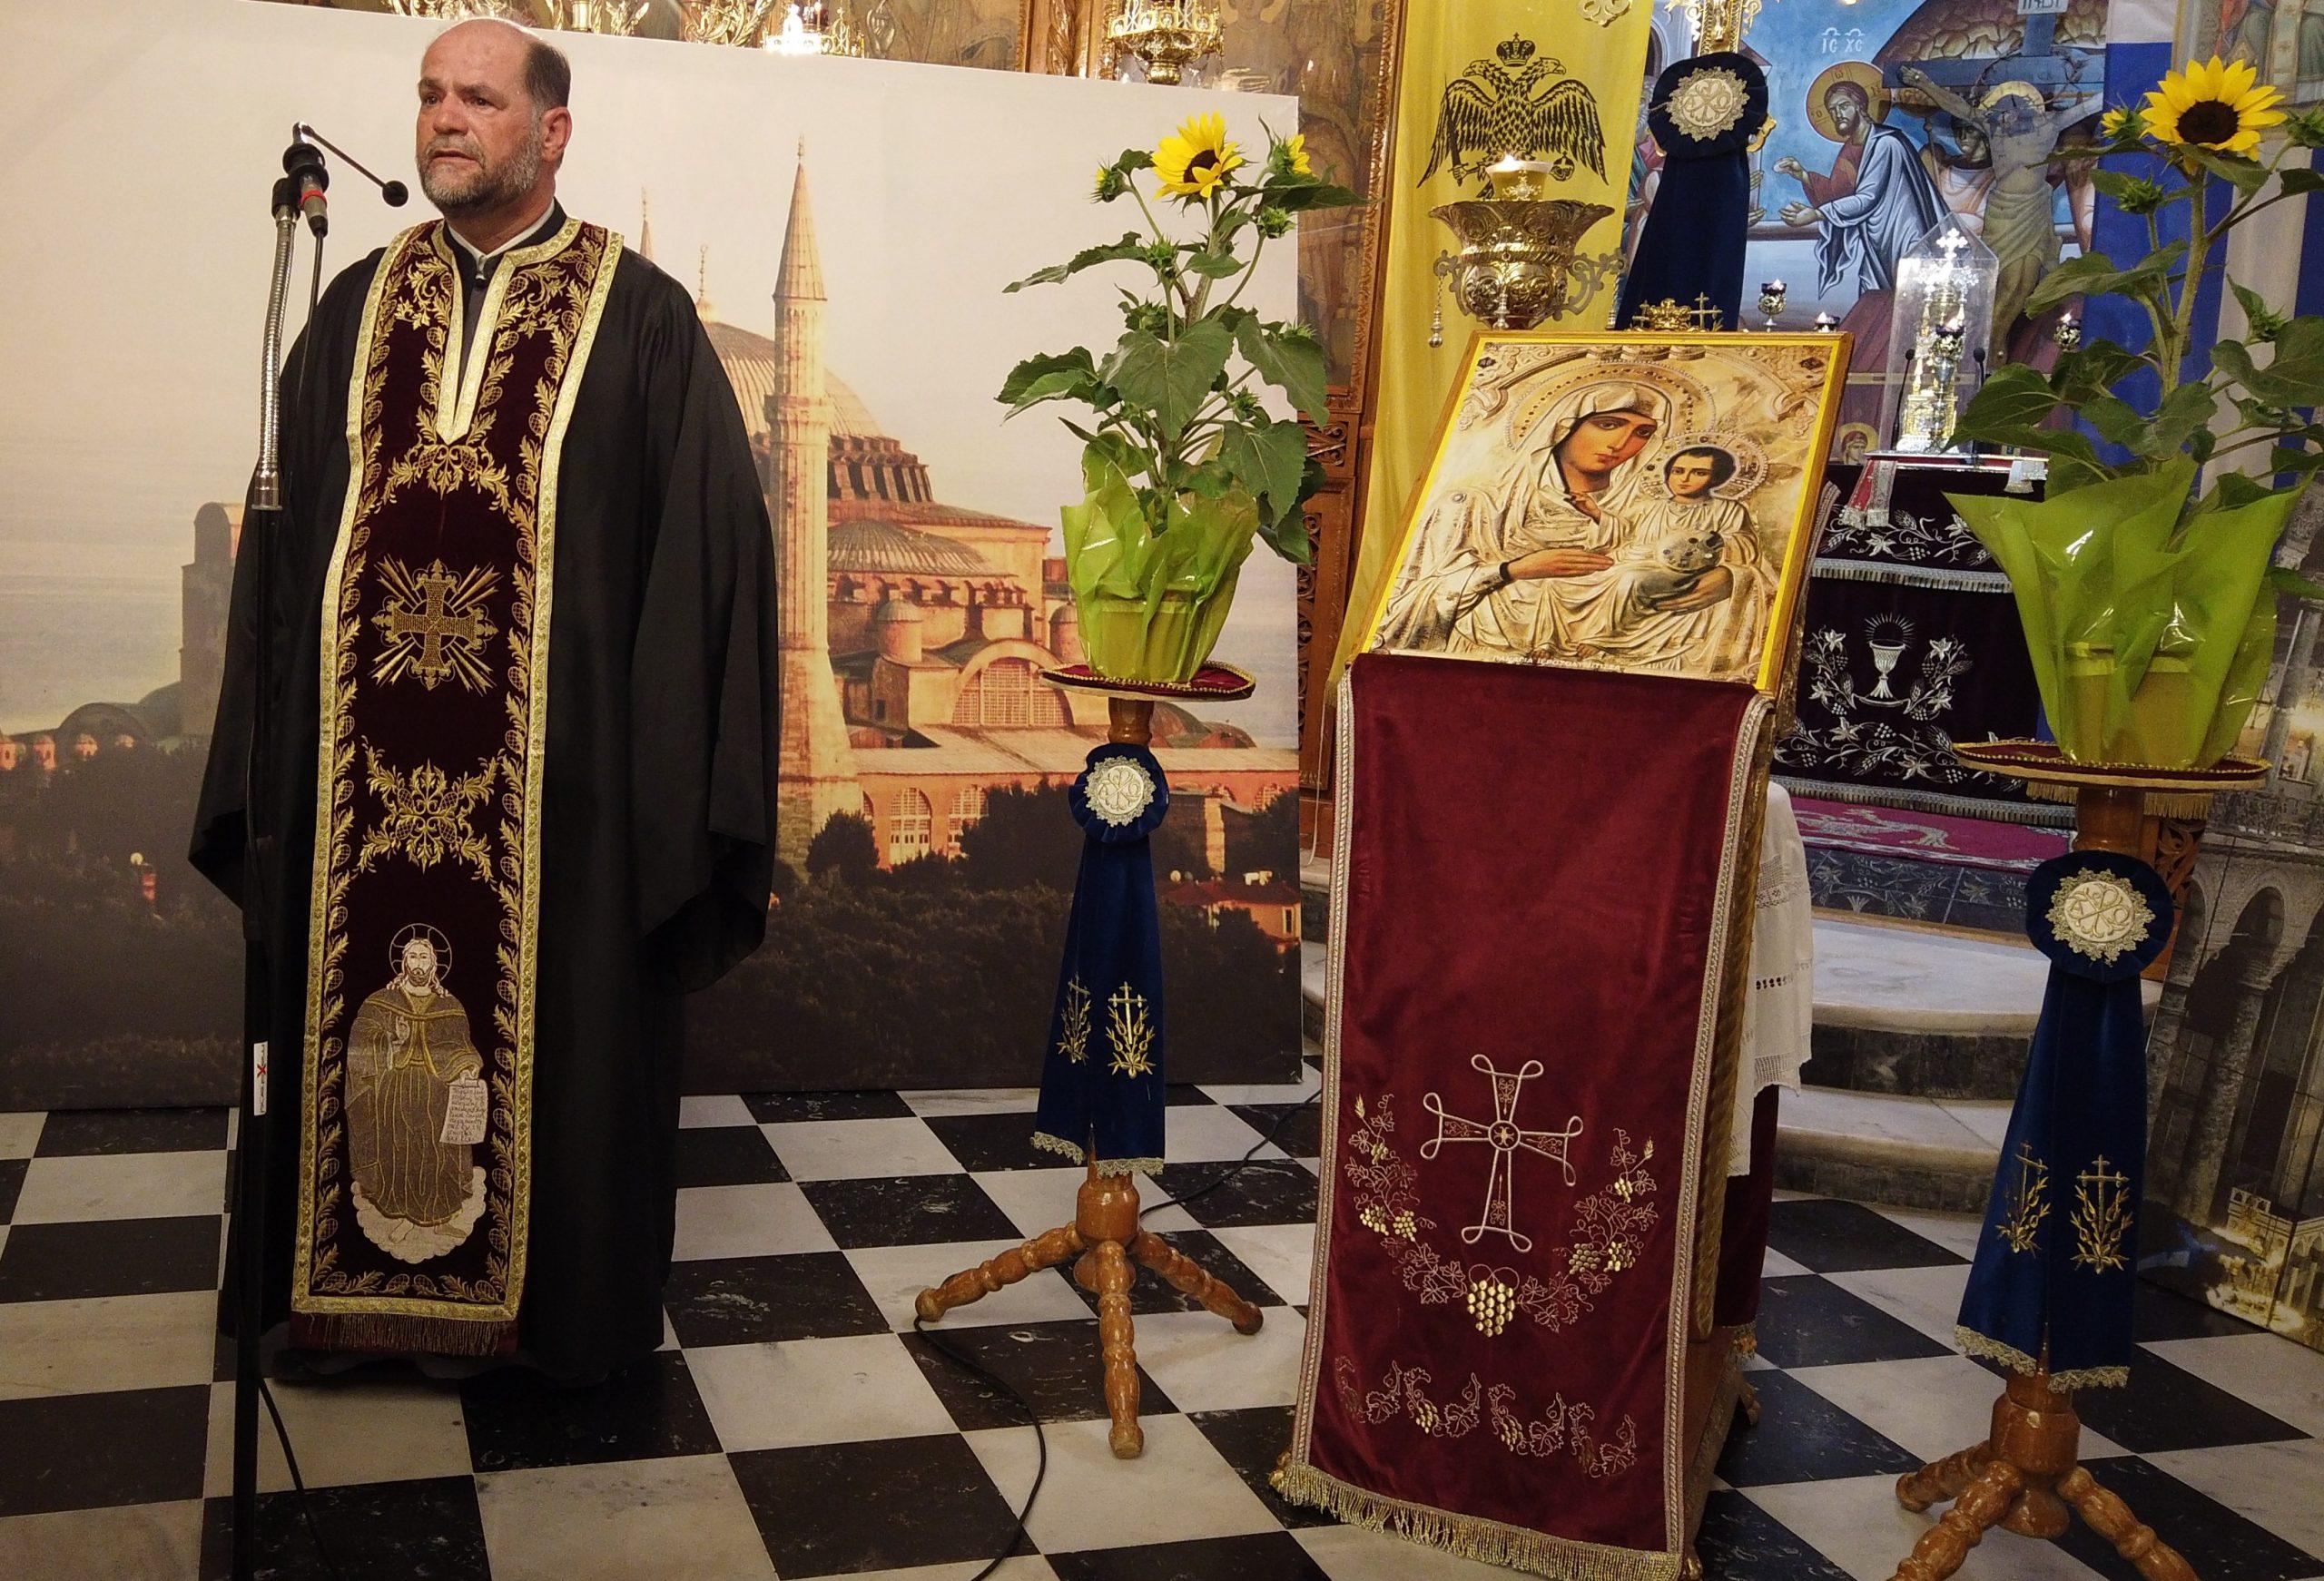 Παρακλητική Ικεσία στην Υπέρμαχο Στρατηγό για την «Αγιά Σοφιά», στον Ι.Ν. Αγίου Σπυρίδωνος Πύργου